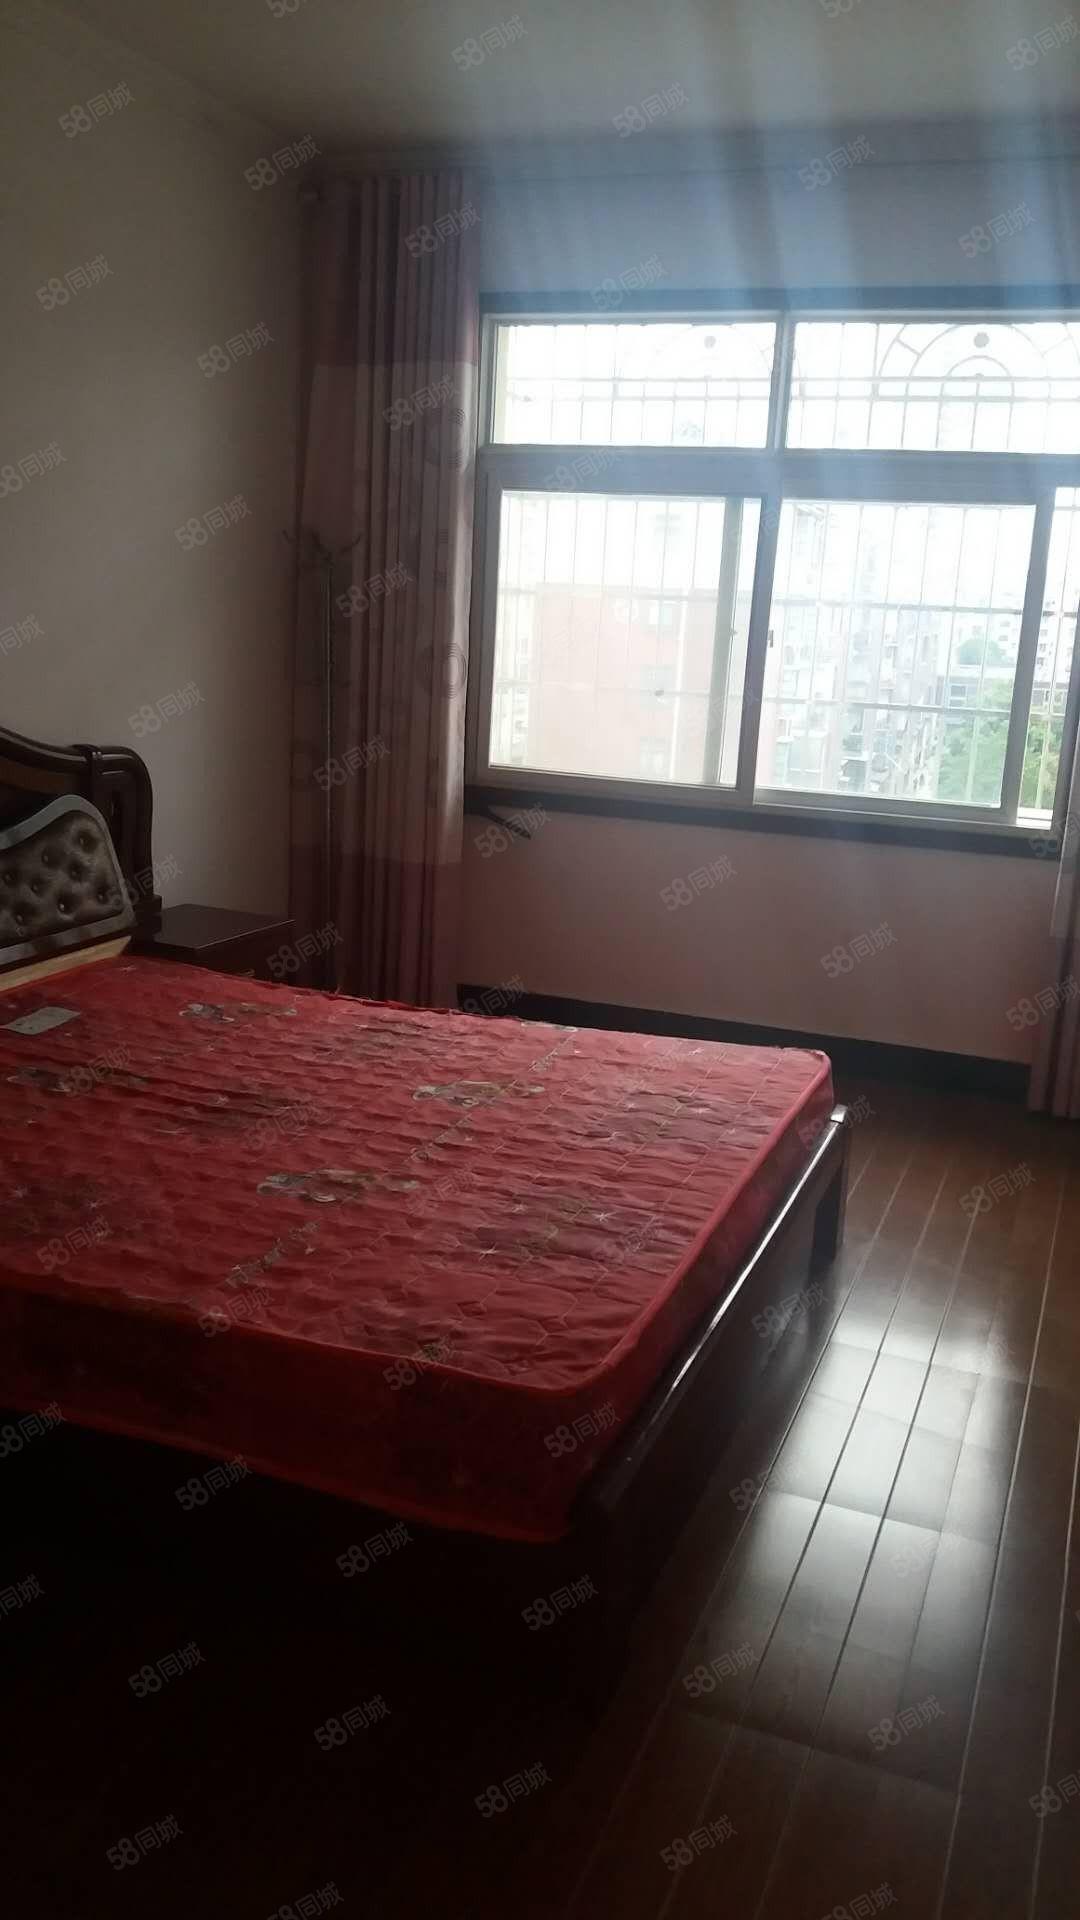 国贸附近三室两厅家电齐全拎包入住仅租700每月